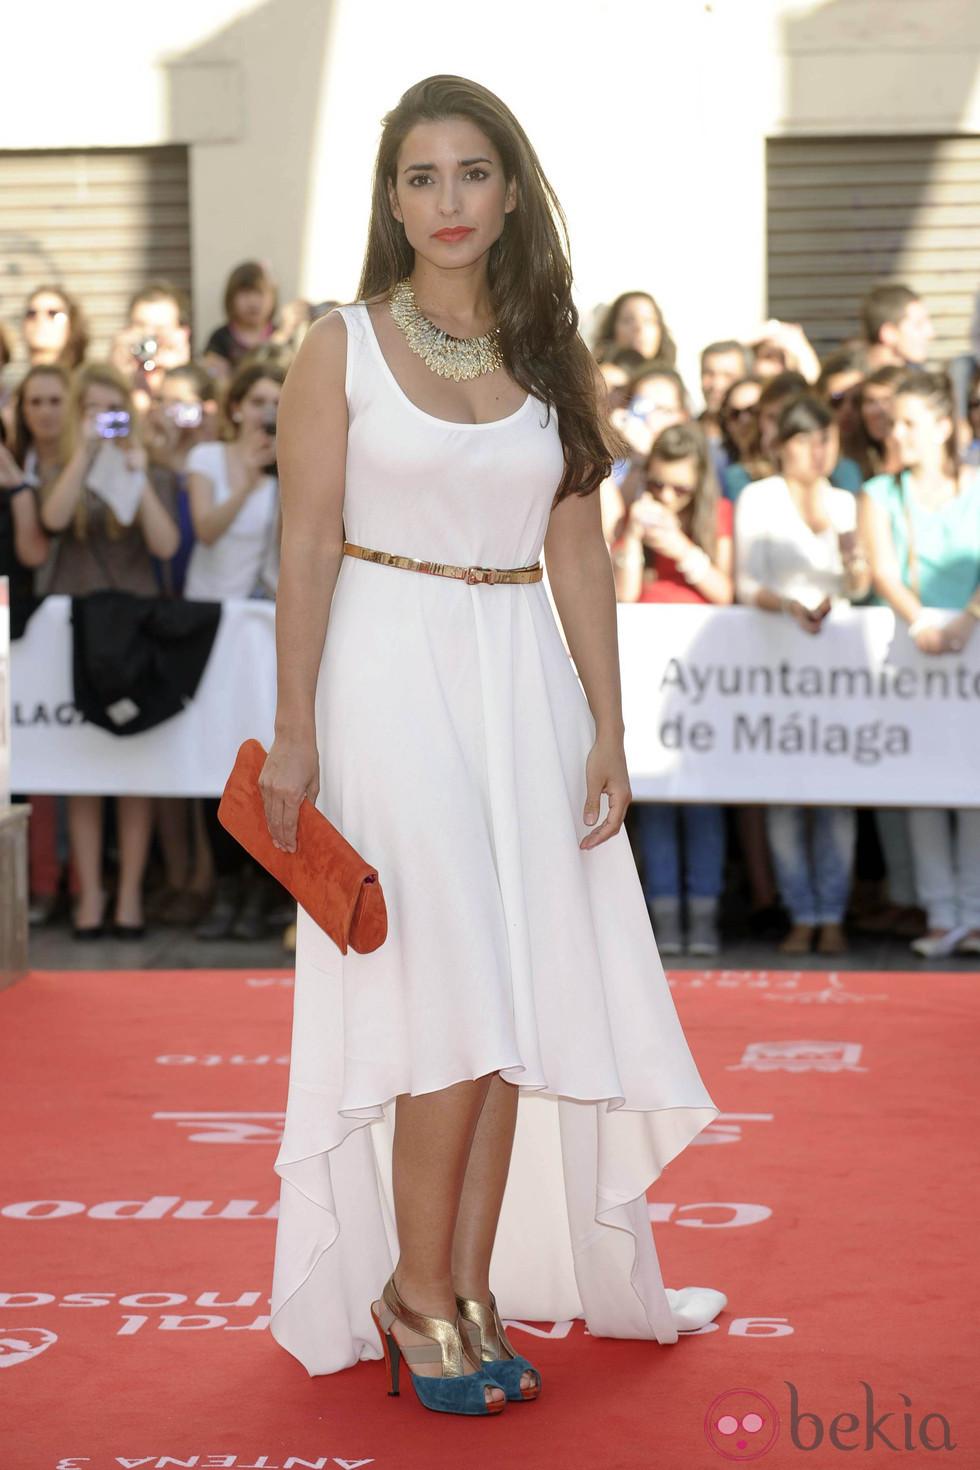 Accesorios para vestido blanco largo